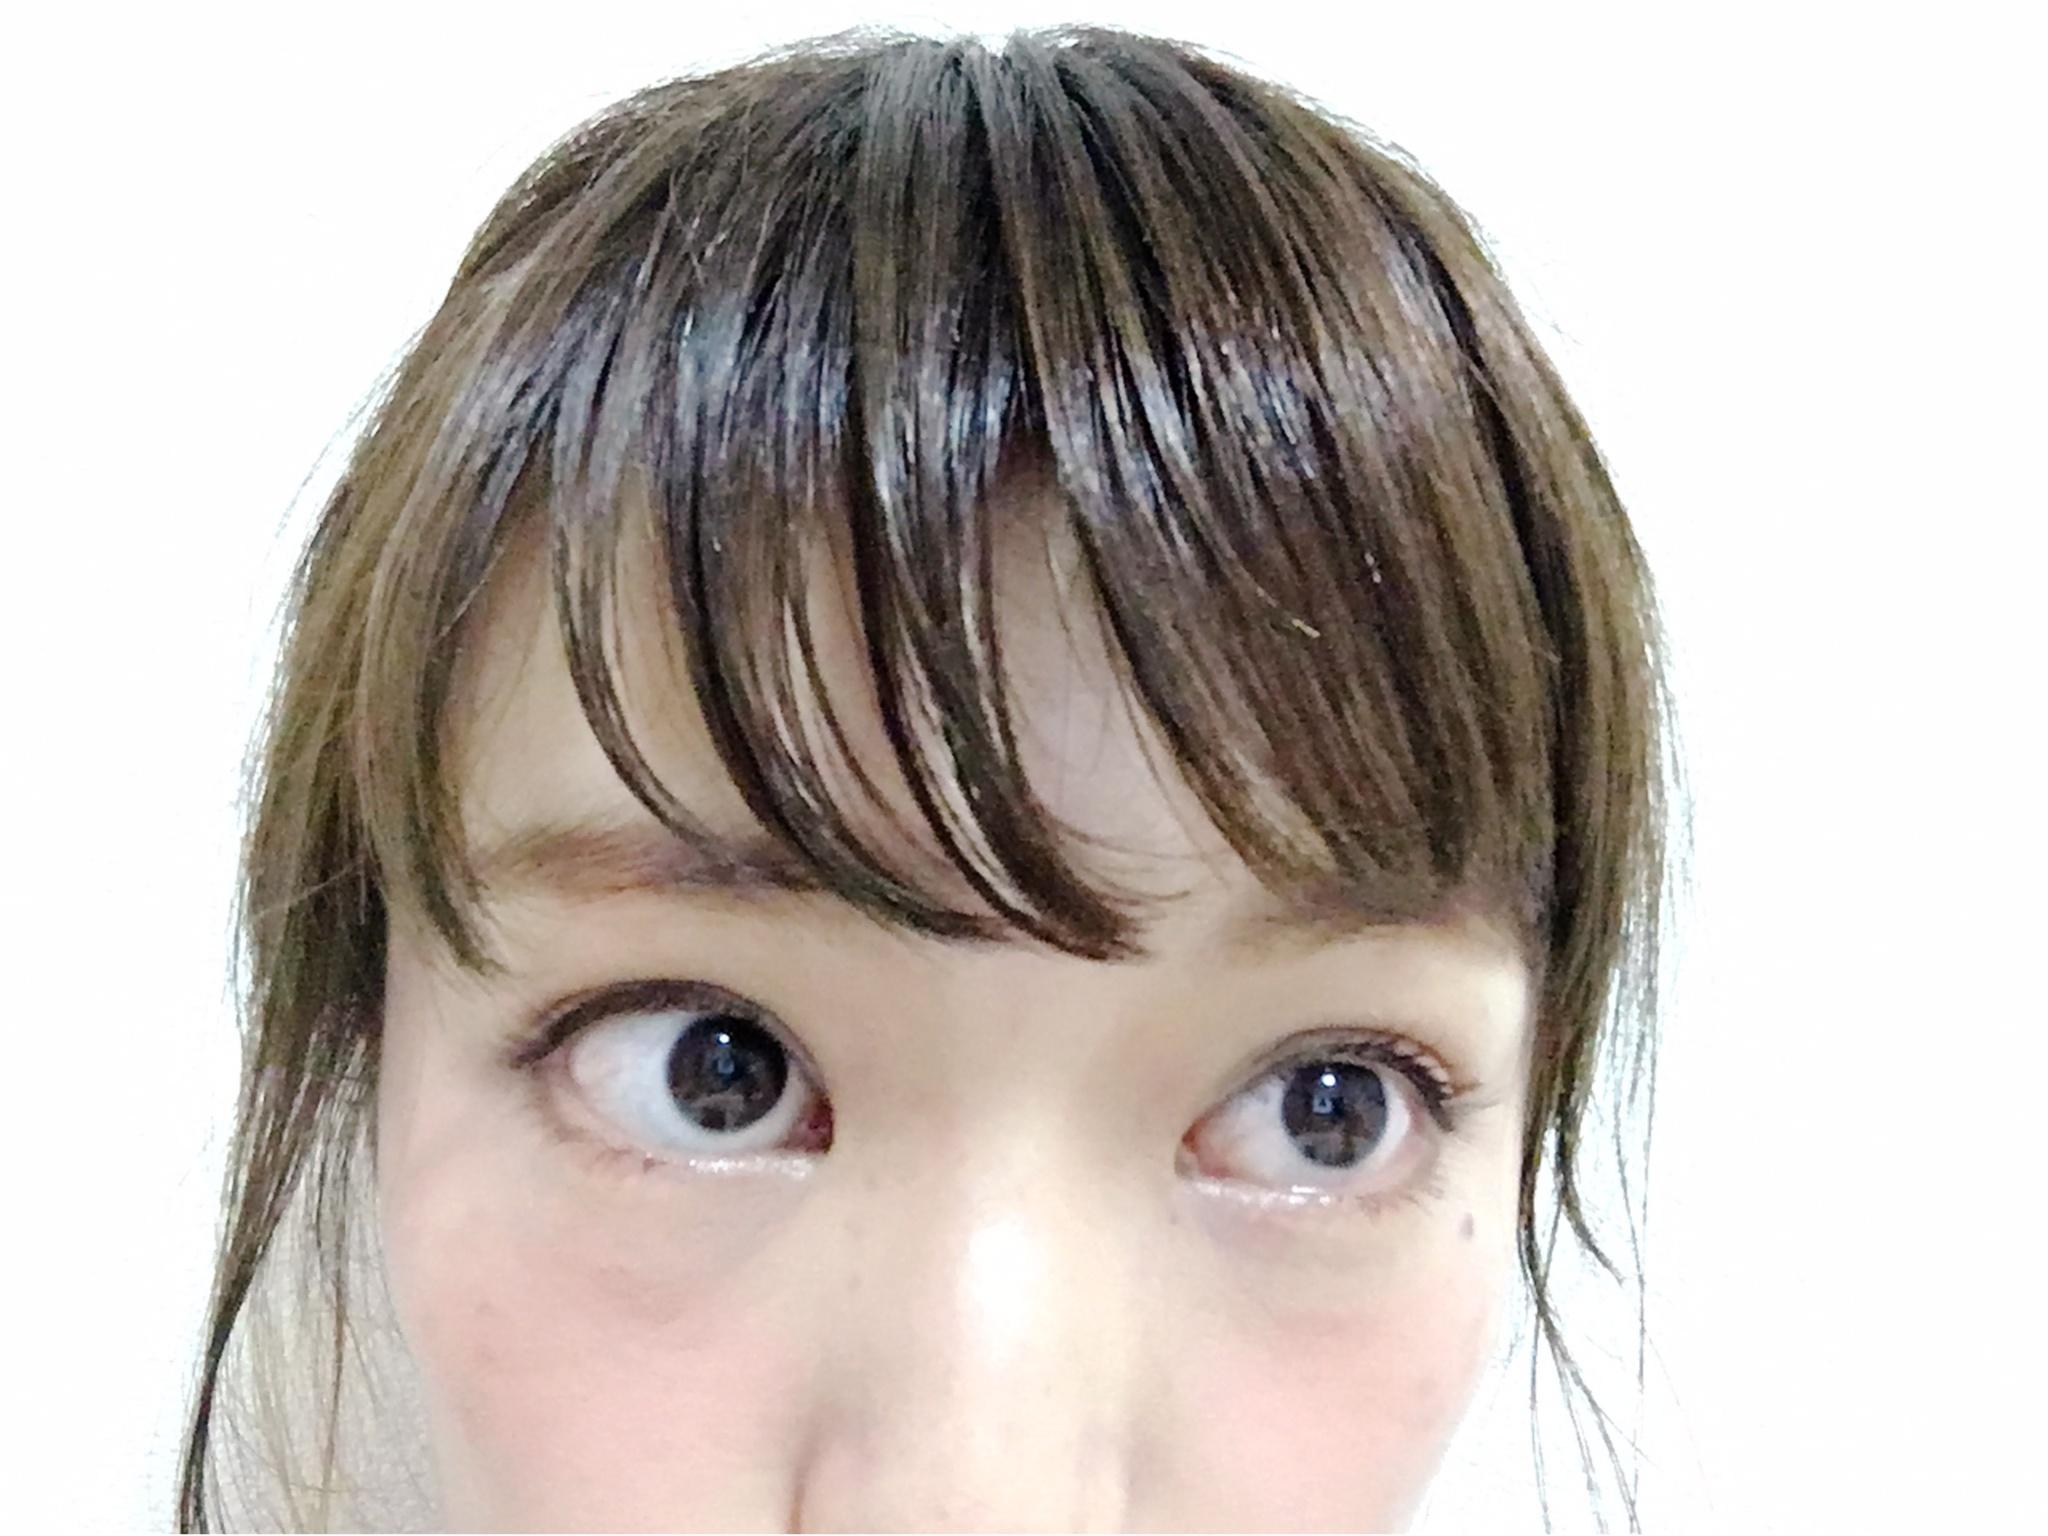 ★《美容師さん直伝!》〇〇前髪の作り方☺︎_3